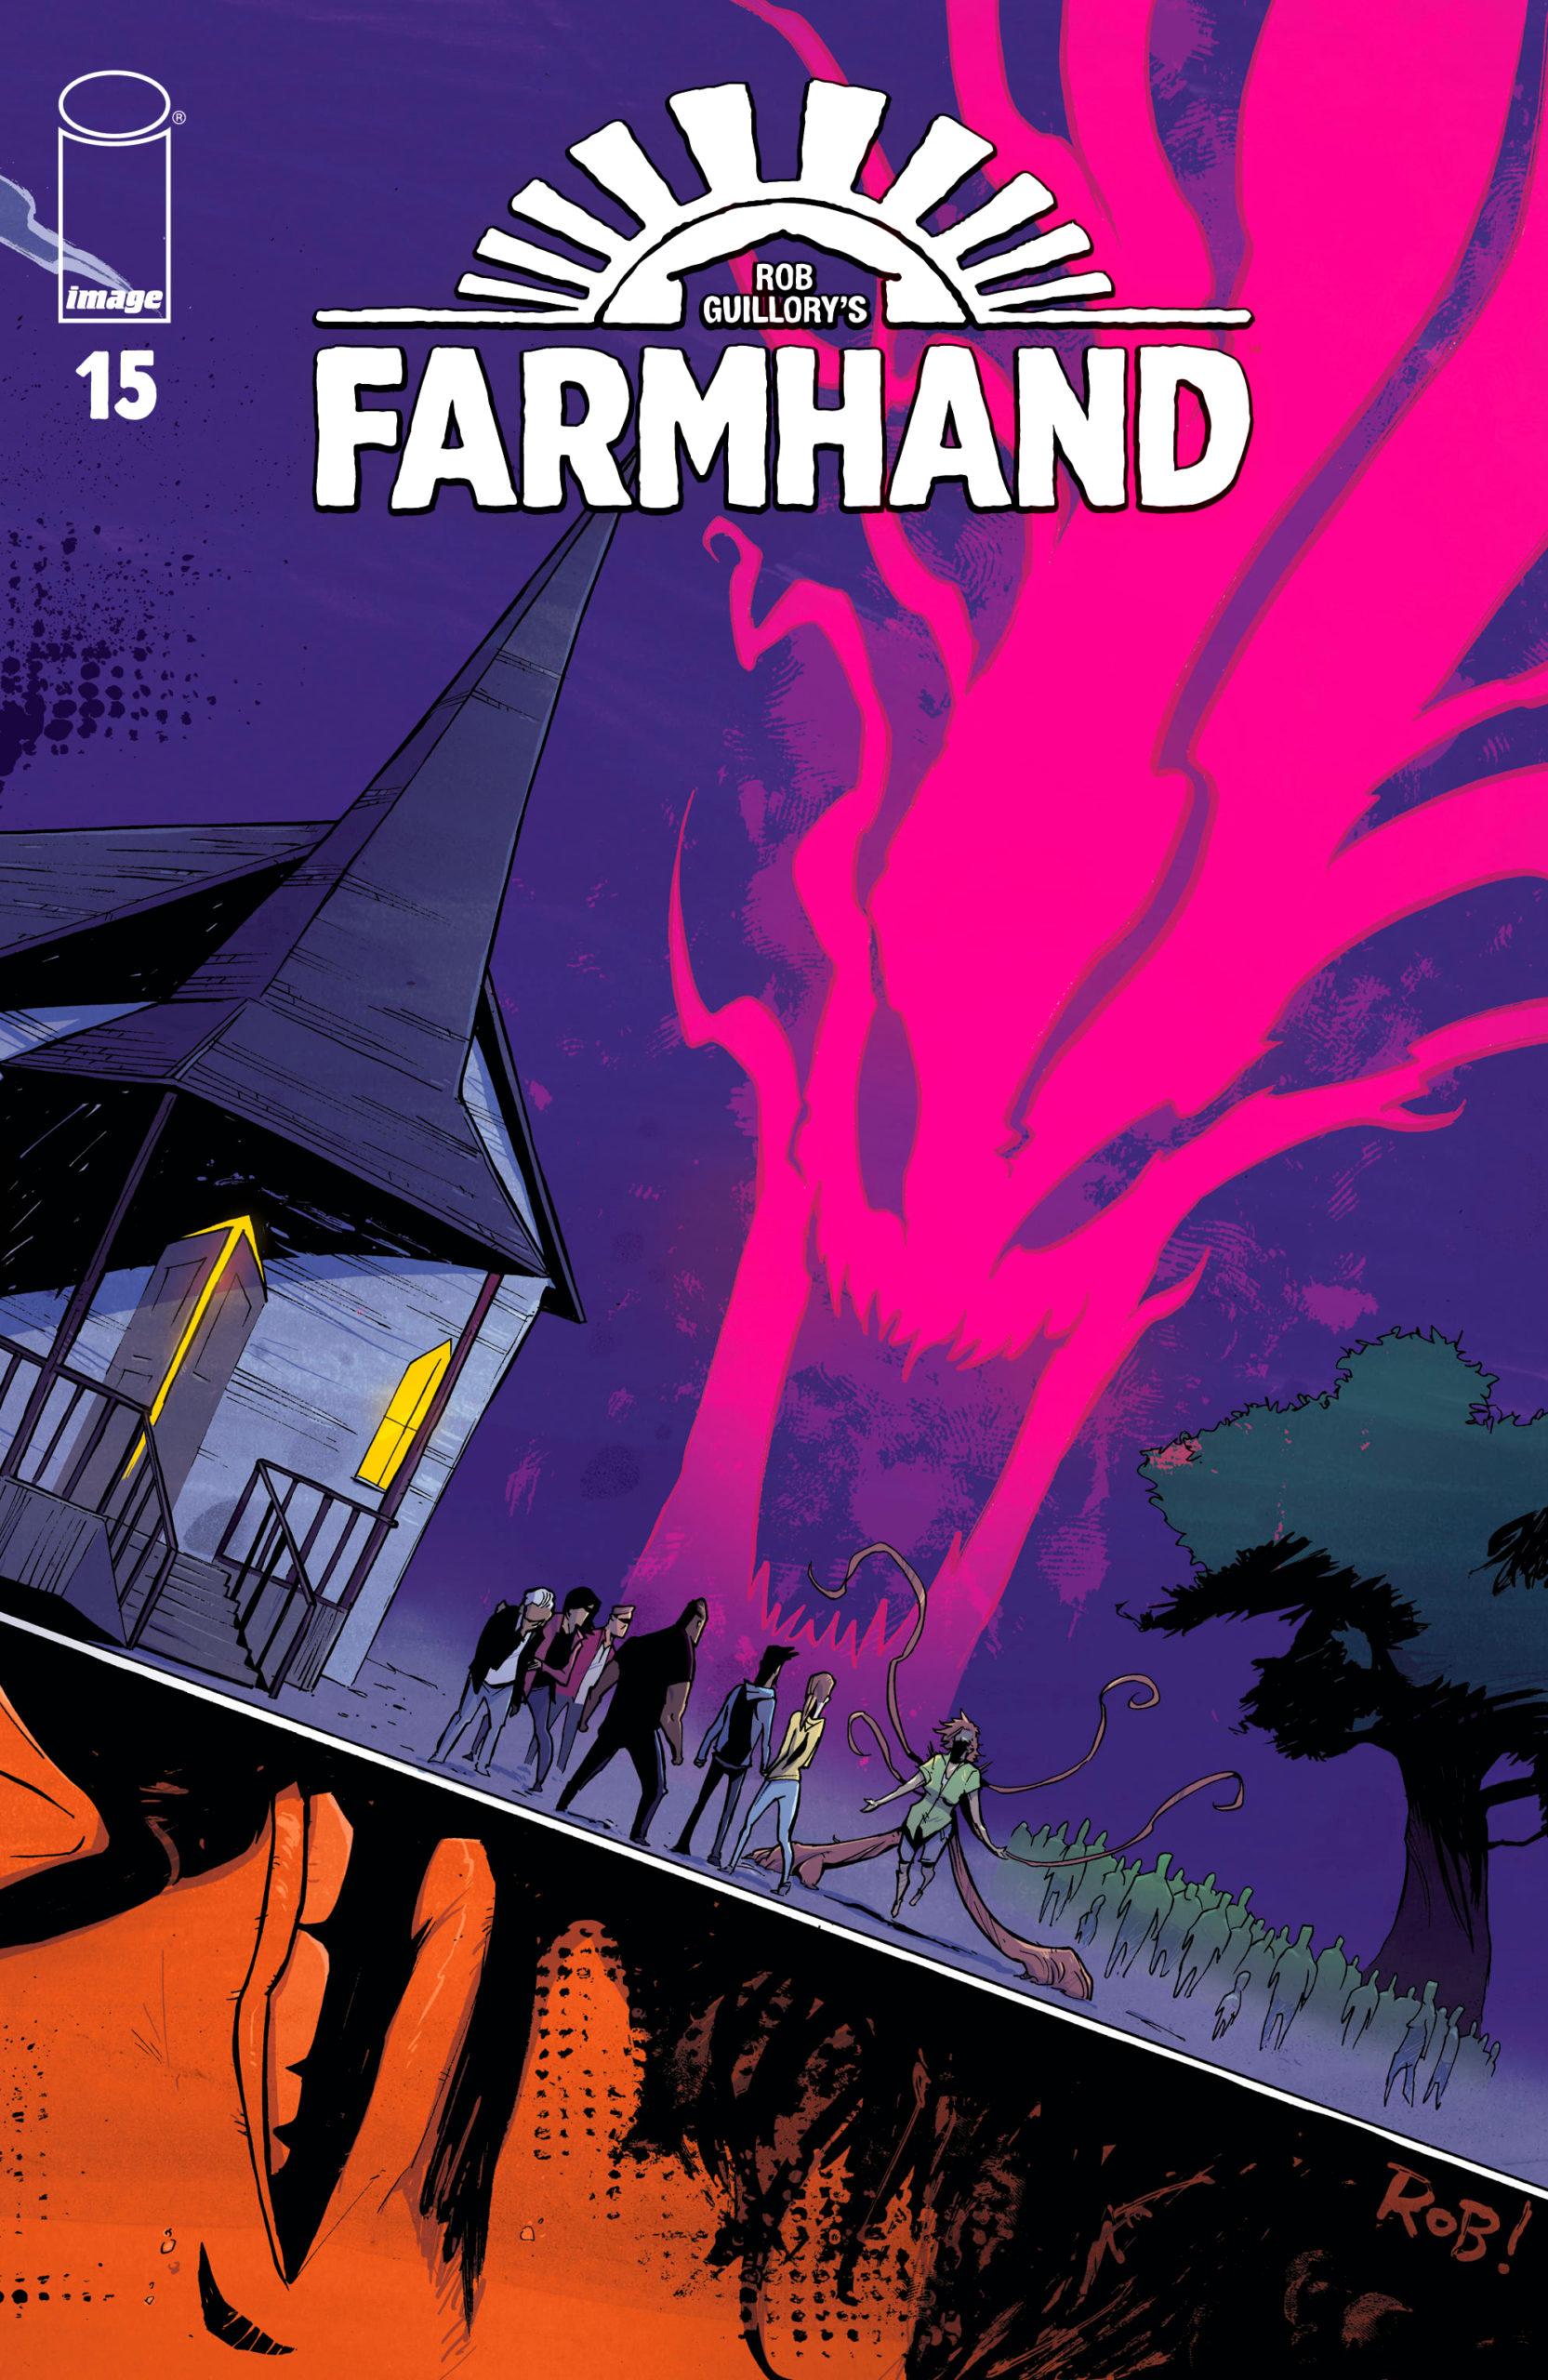 Farmhand comics 15